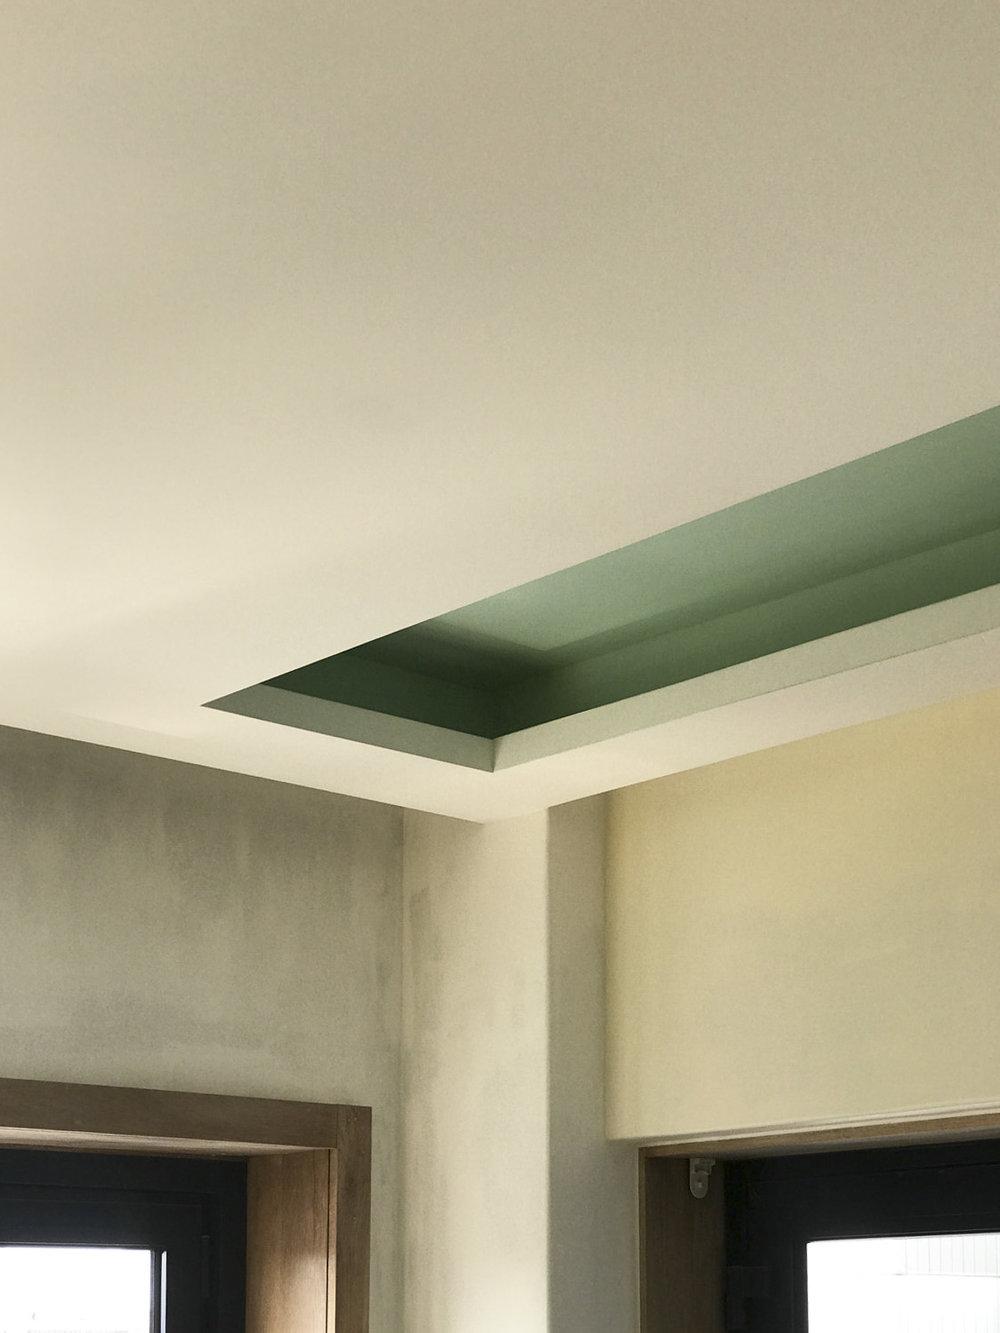 Apartamento Azul Farol - Porto - EVA evolutionary architecture - EVA atelier - Arquitecto - Remodelação (10).jpg